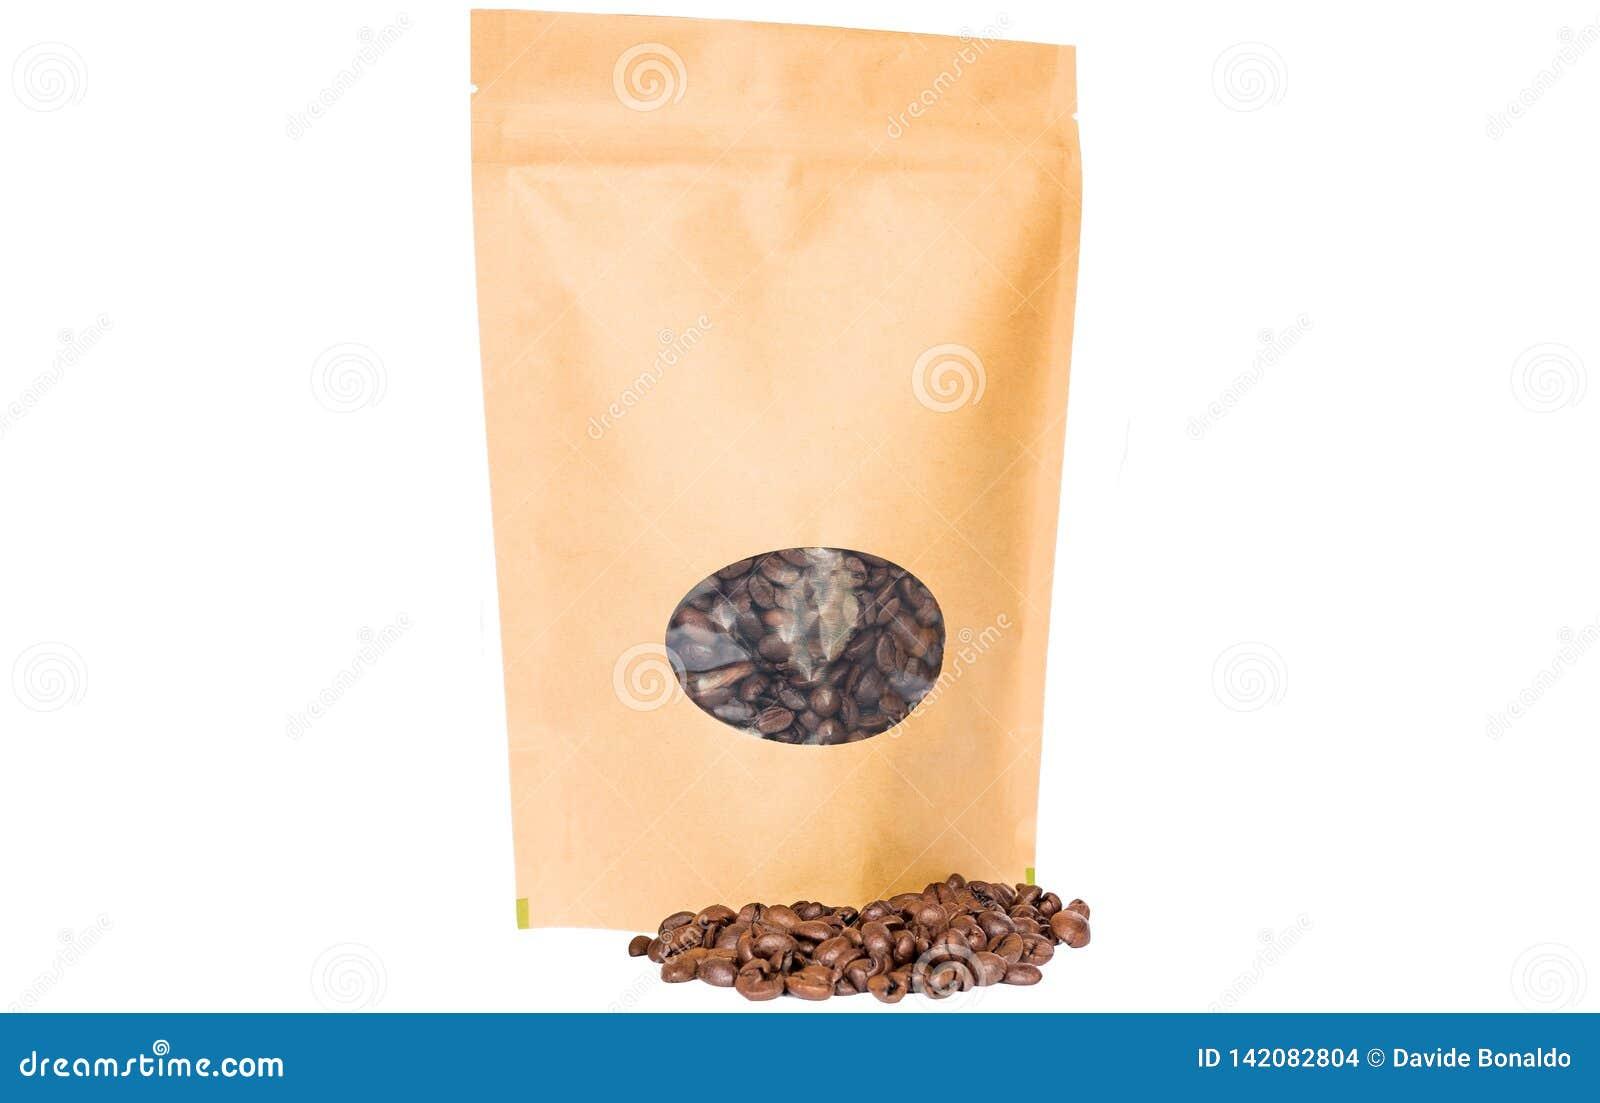 El doypack del papel de Brown Kraft se levanta la bolsa con la cremallera oval de la ventana llenada de los granos de café en el